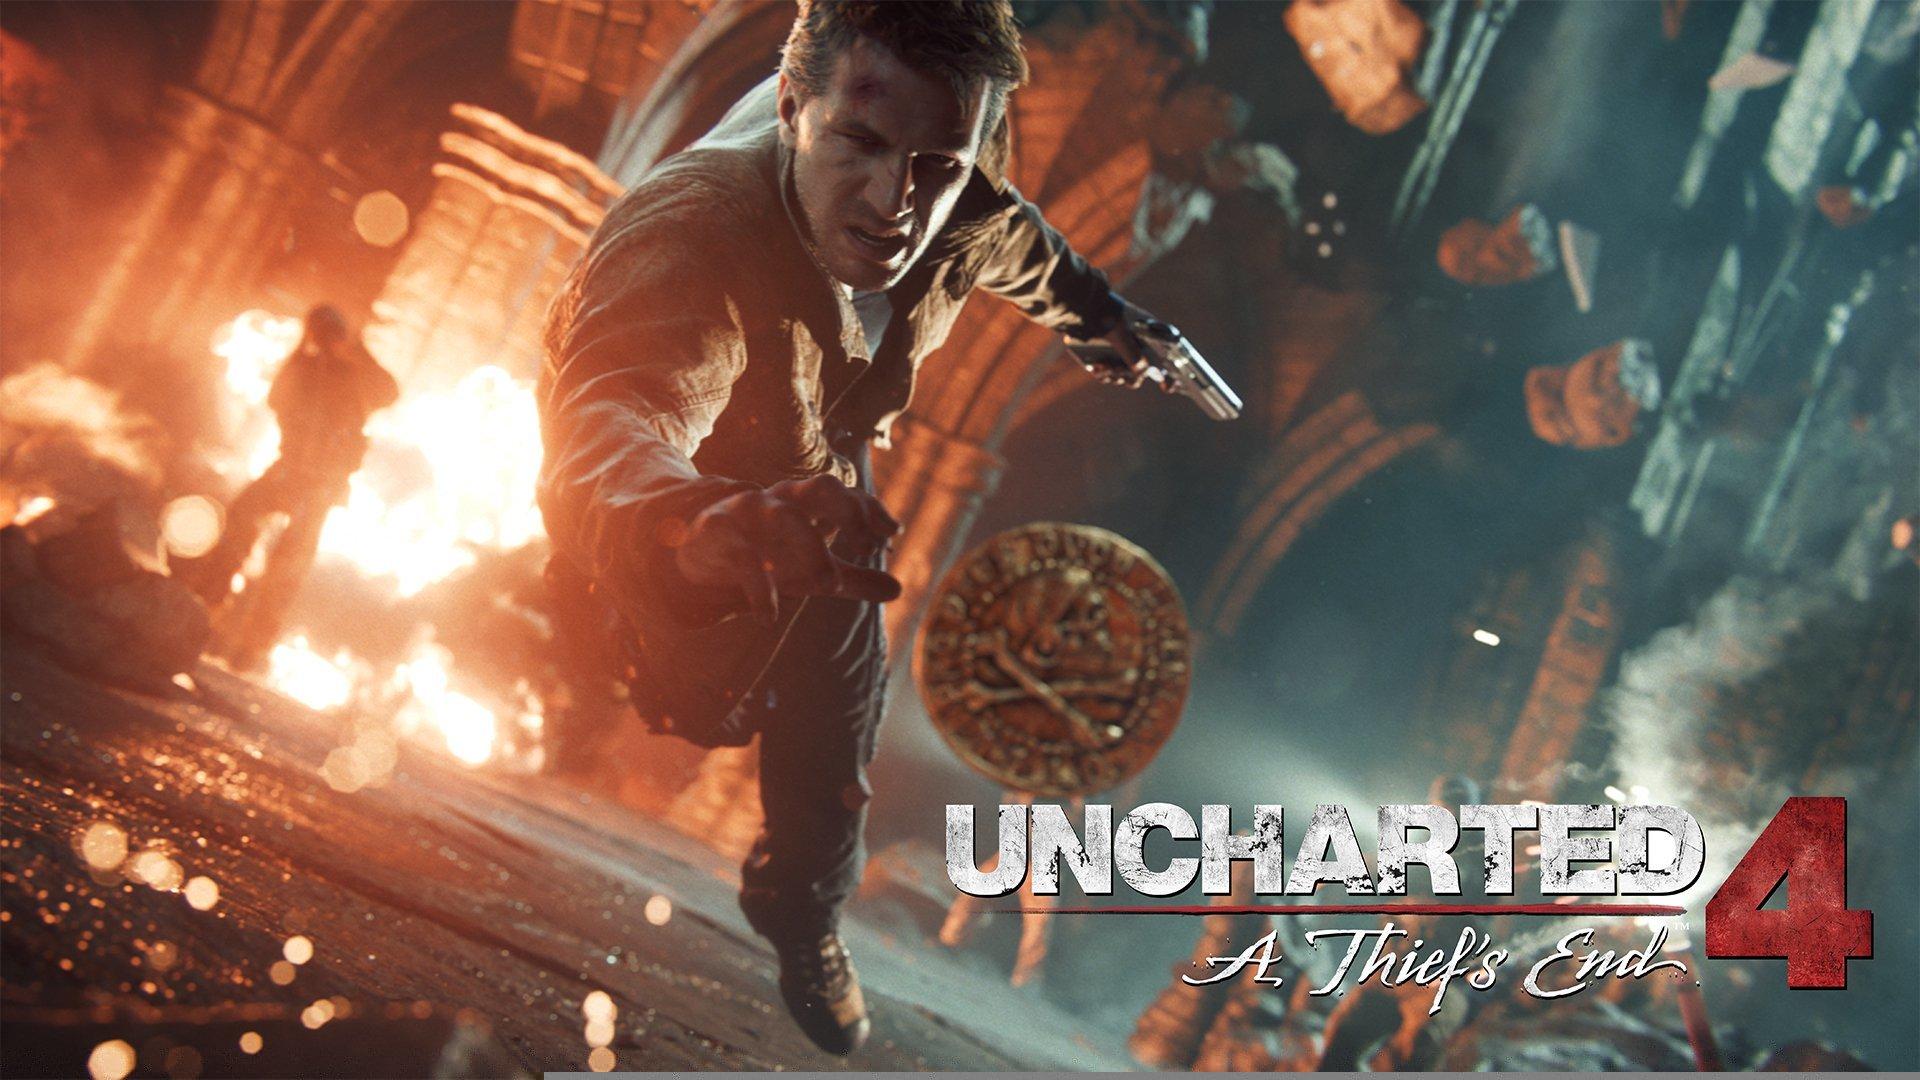 uncharted-4-put-vora-naughty